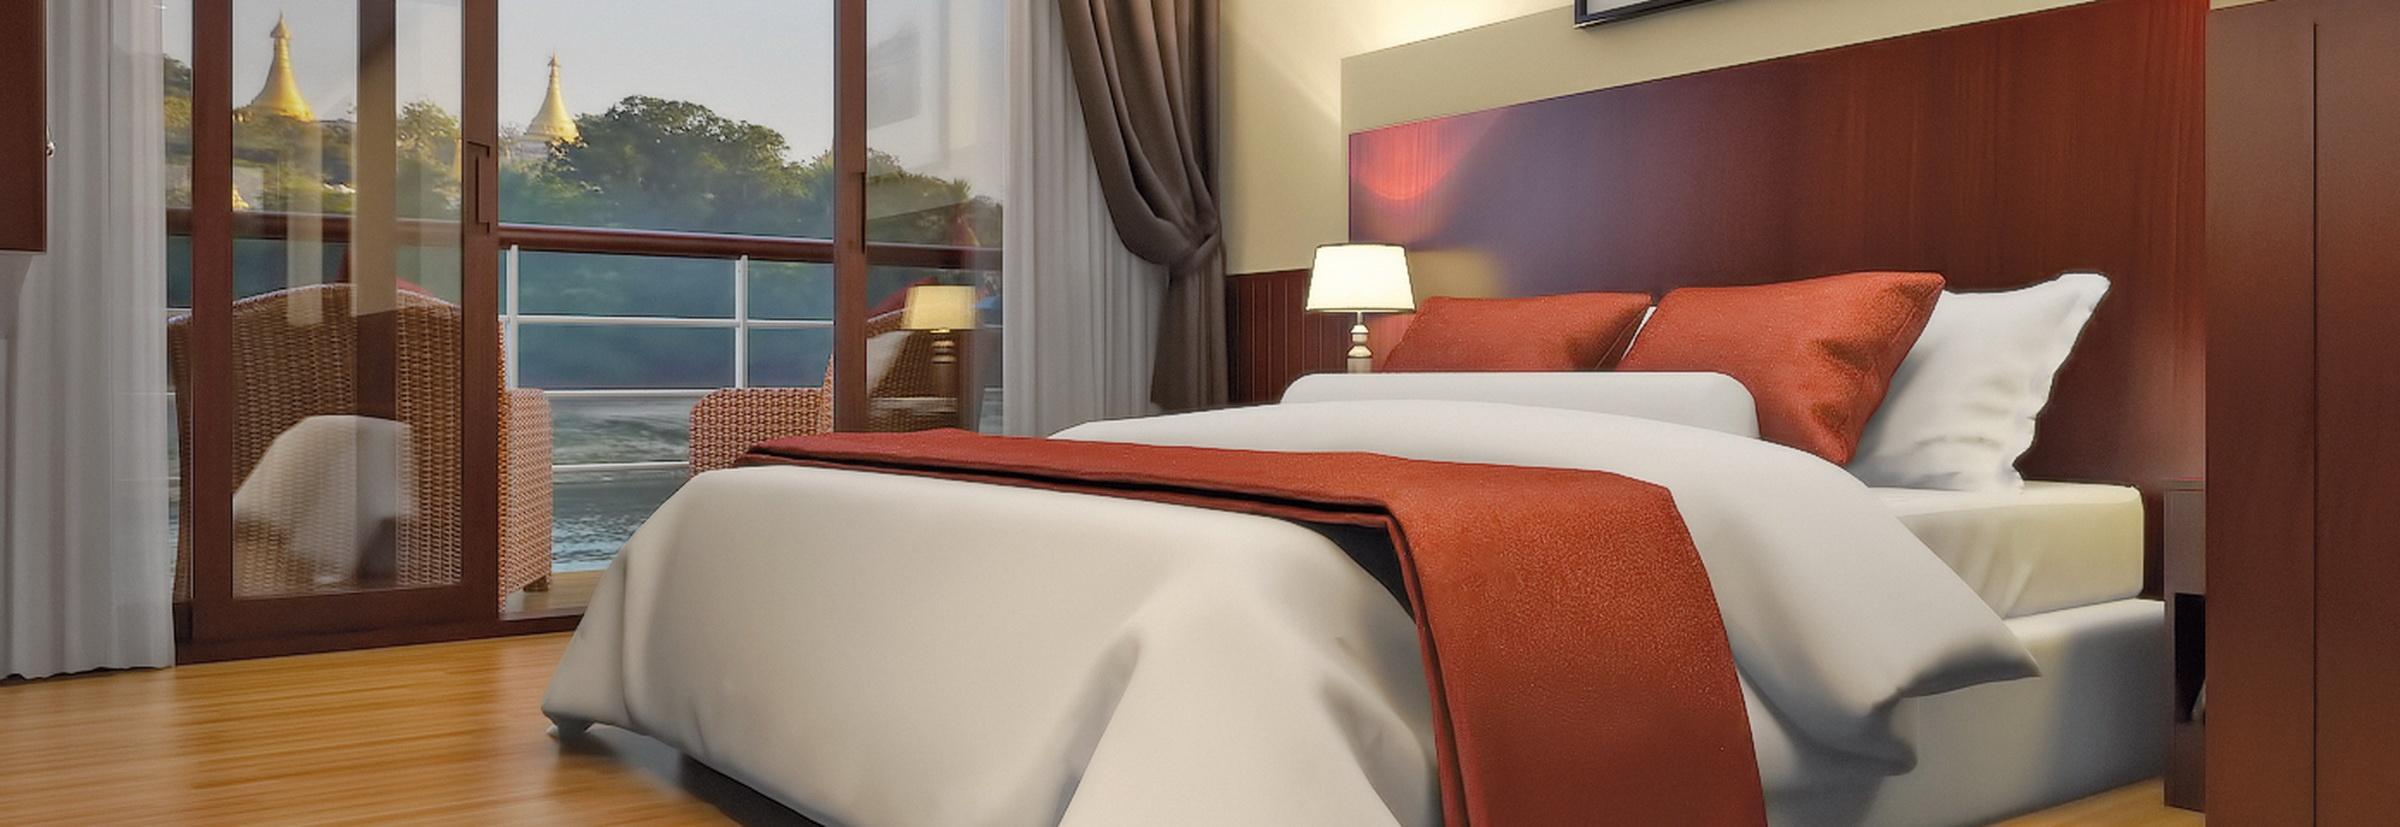 Die RV Thurgau Exotic 3 verfügt über 2 Bettkabinen und Suiten